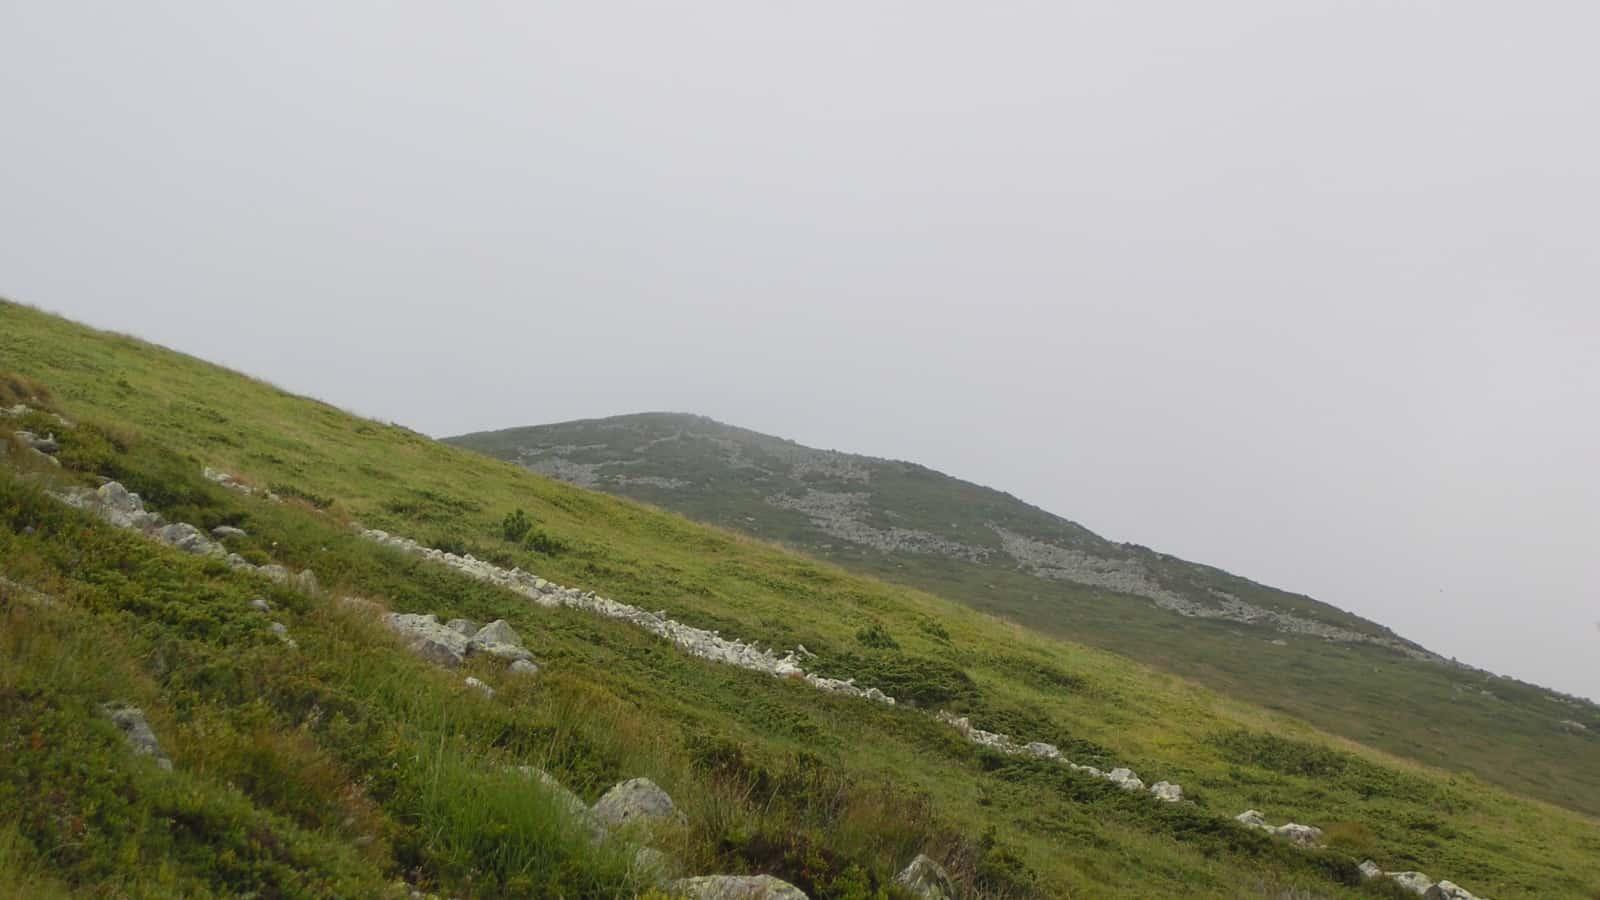 Aussicht vom Pfad aus - Foto: Nationalpark Zentralbalkan/Stoyan Hristov